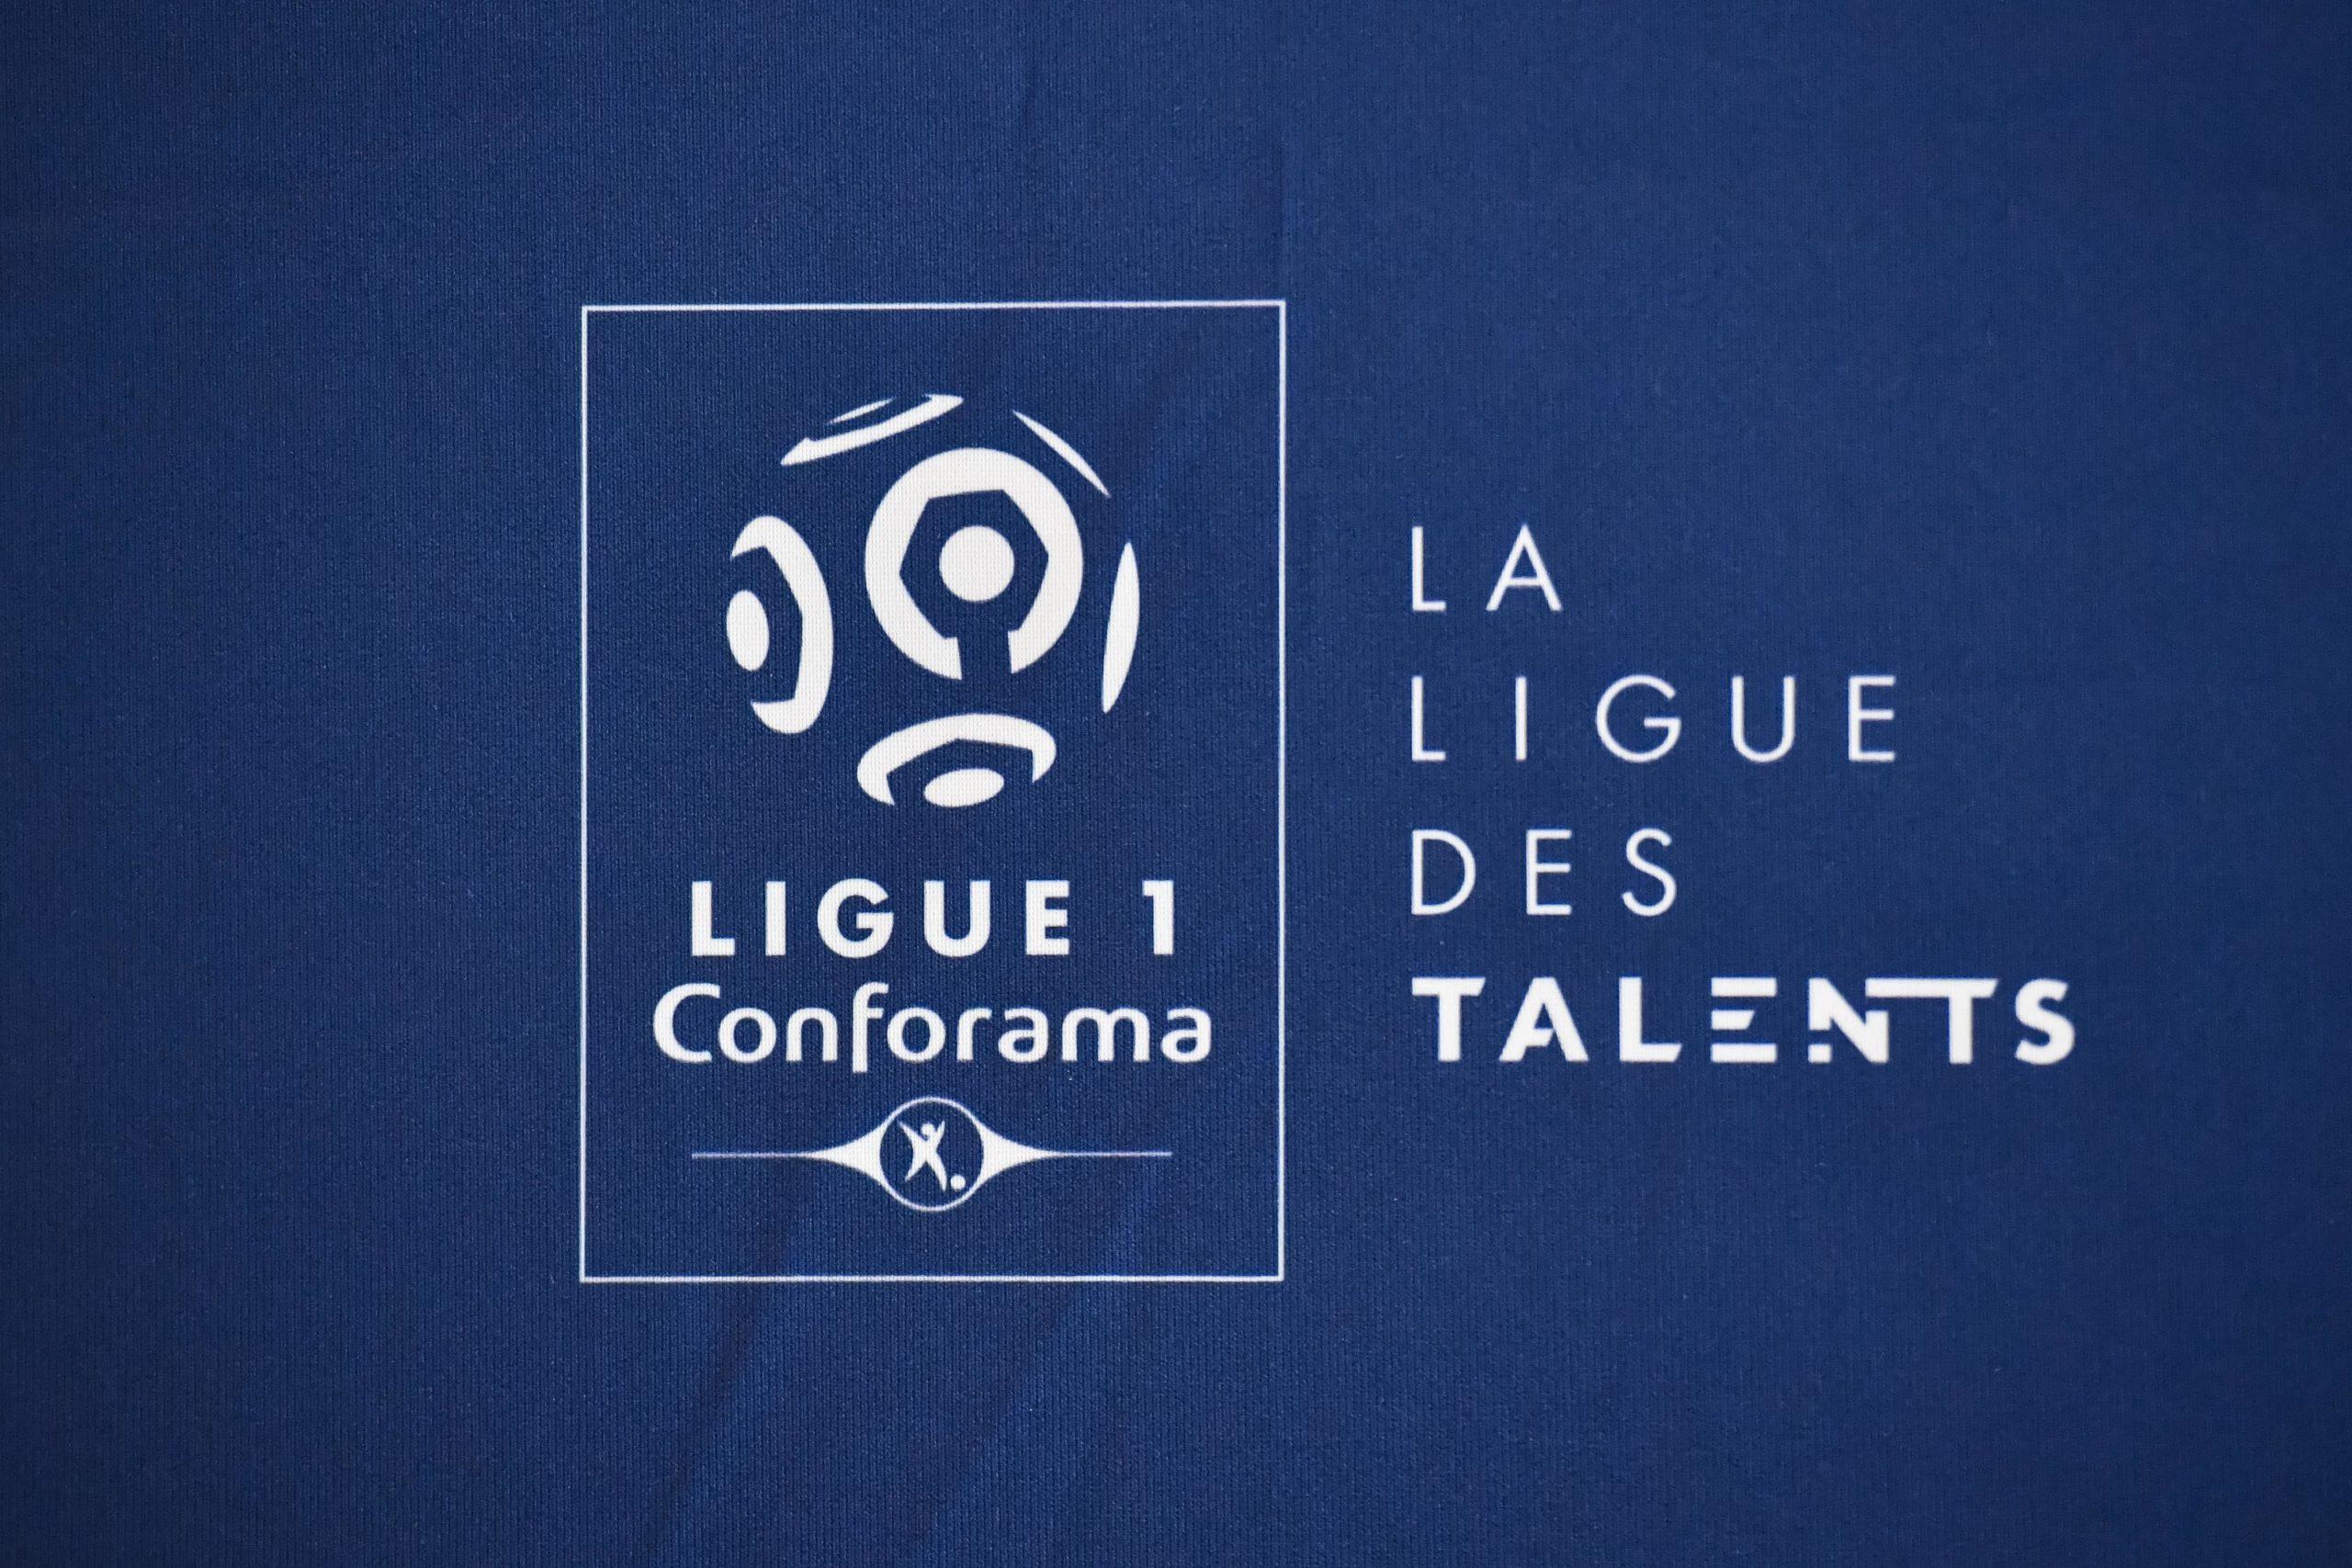 Ligue 1 - Le protocole sanitaire pour la reprise du championnat a été validé par la LFP